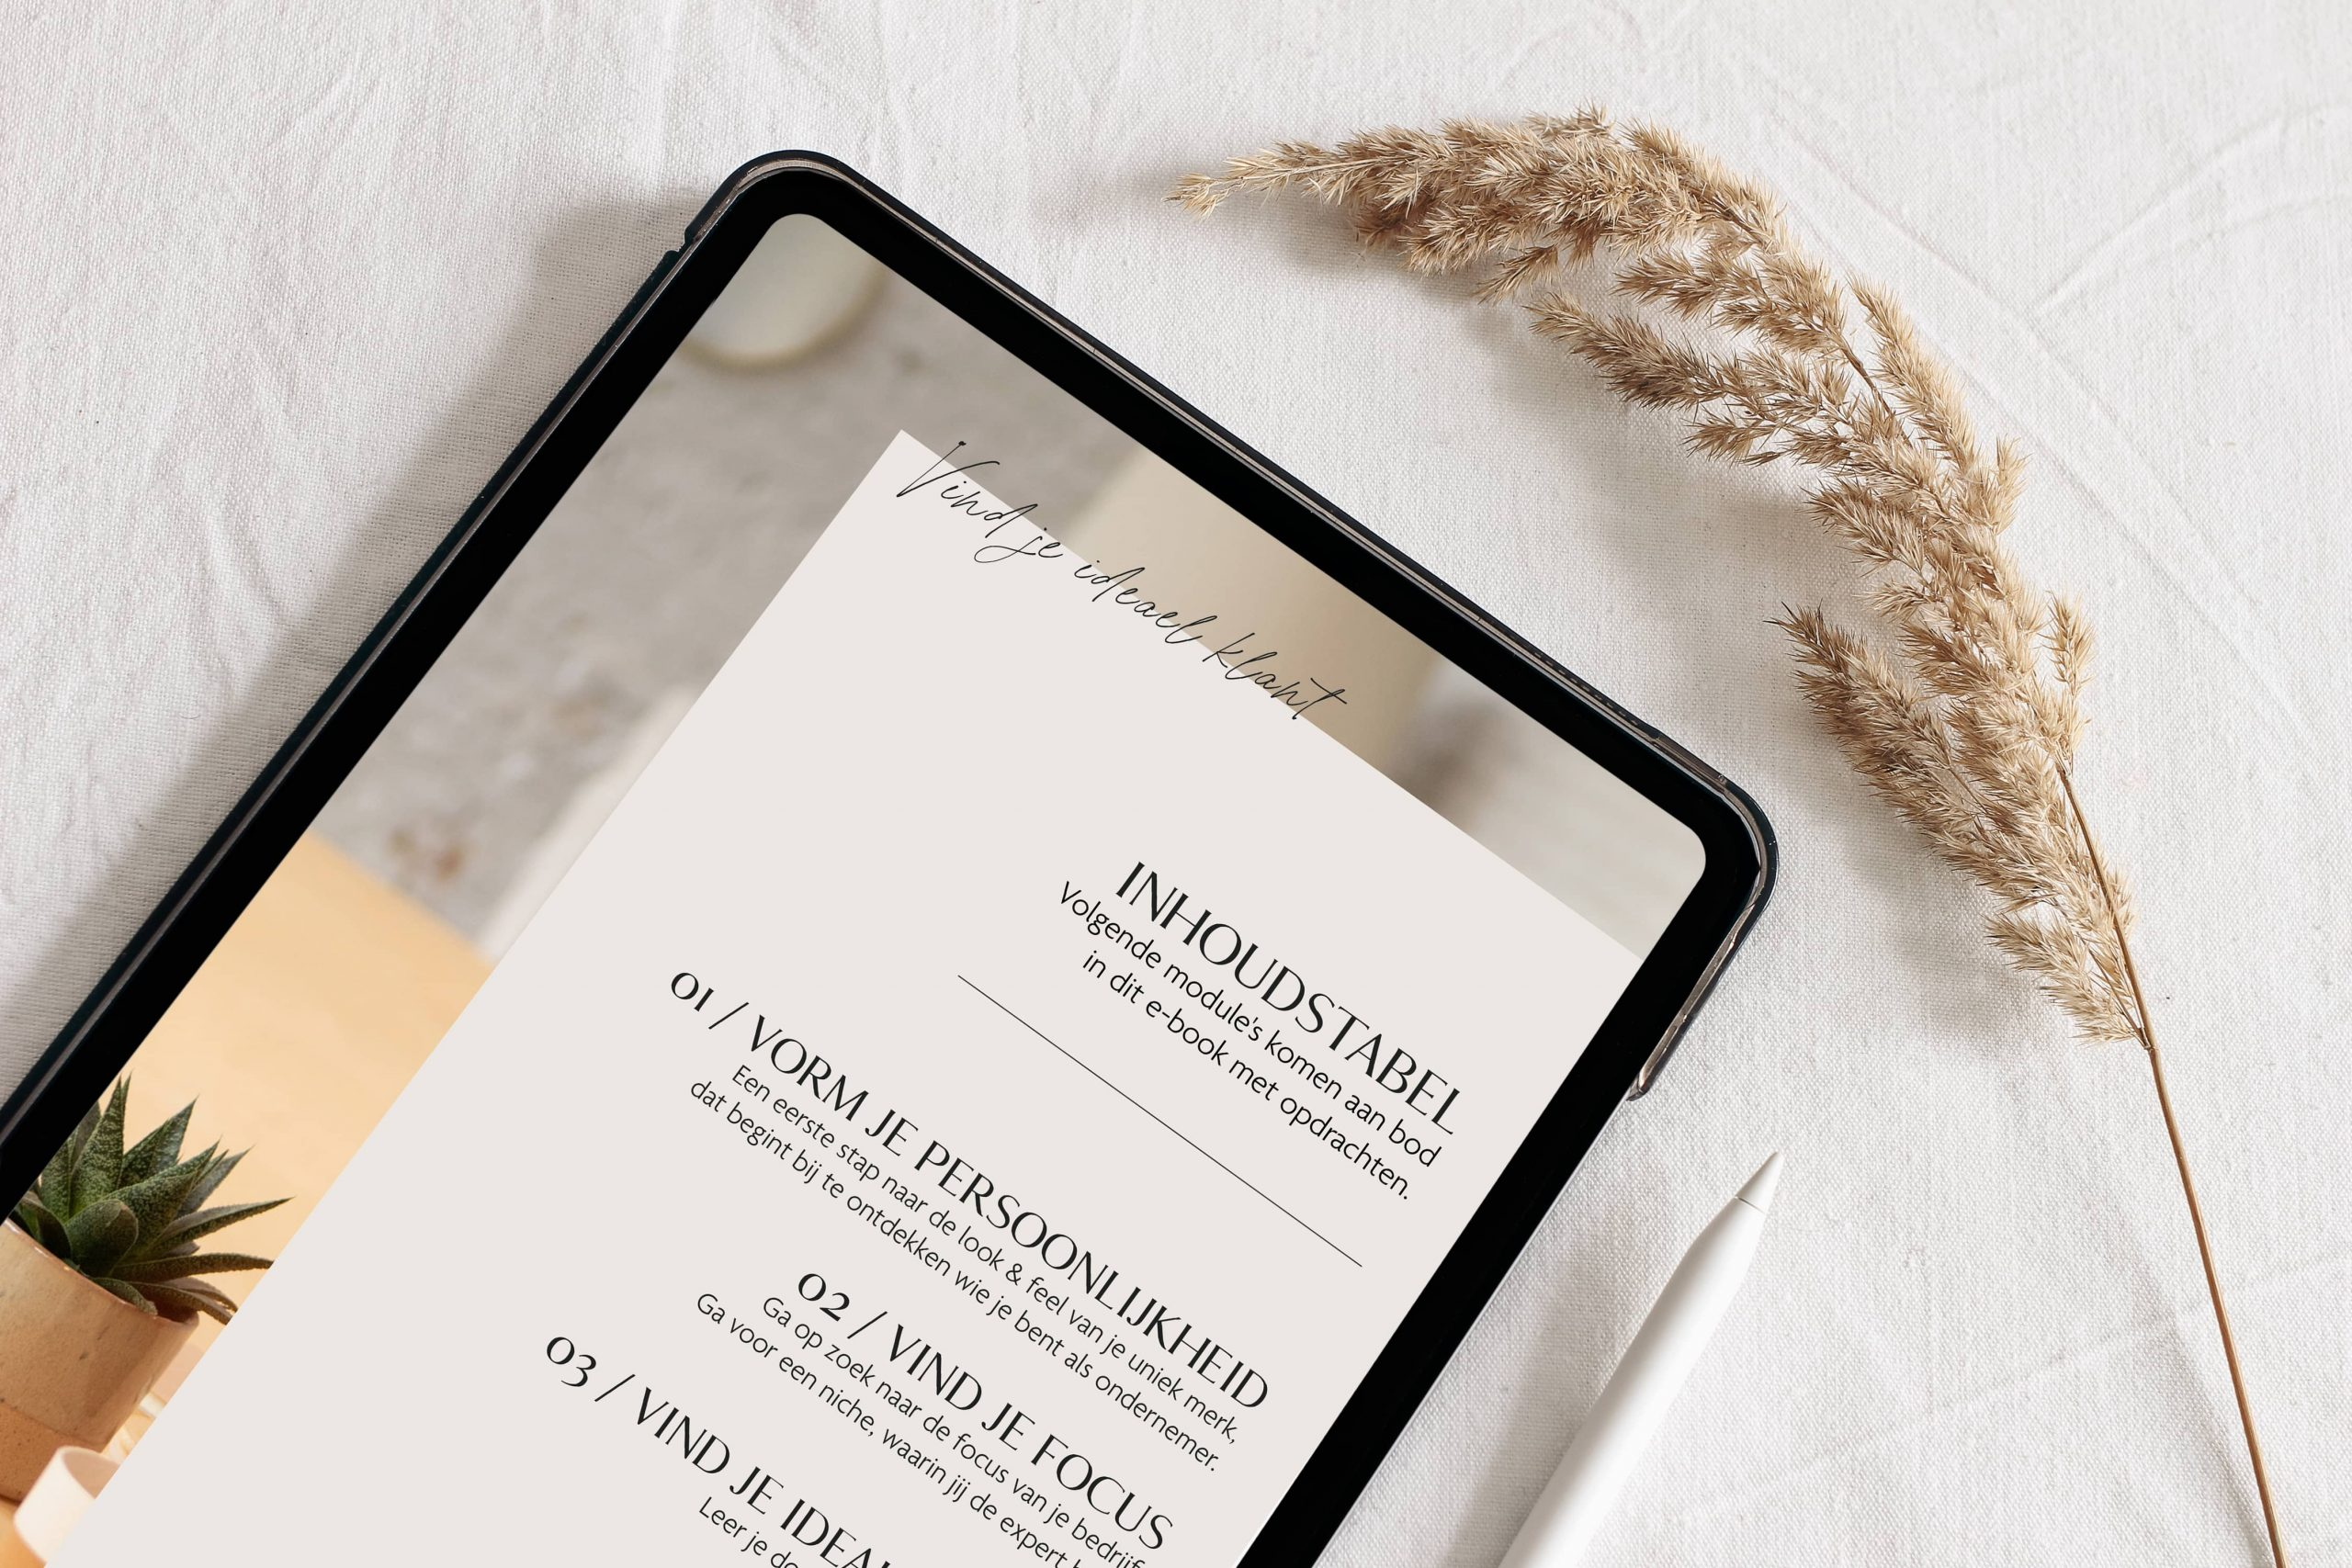 e-book vind je ideale klant